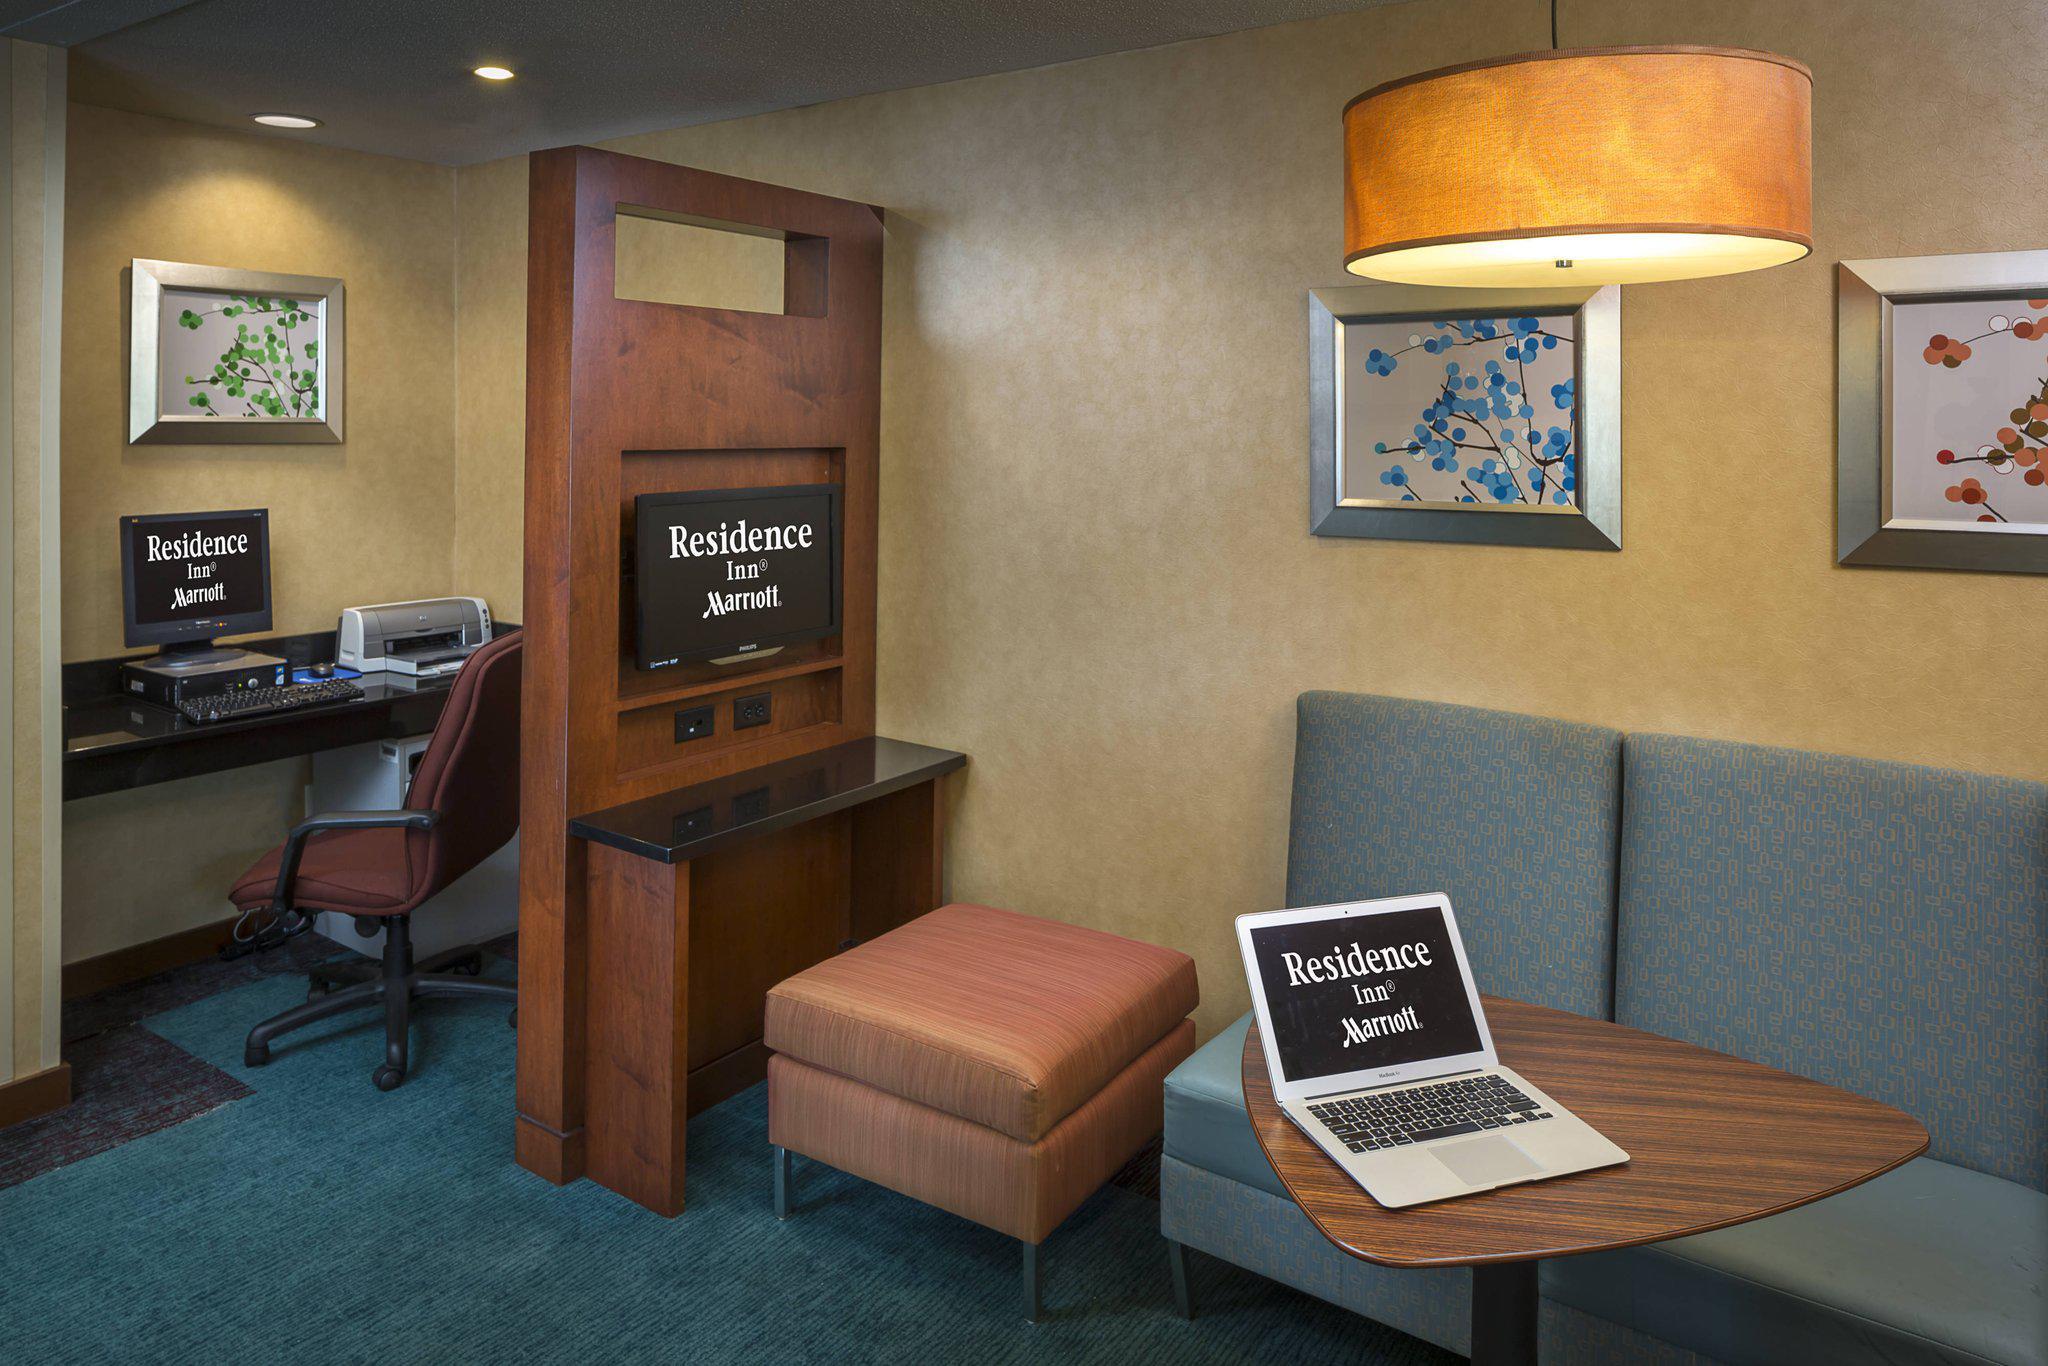 Residence Inn by Marriott Asheville Biltmore